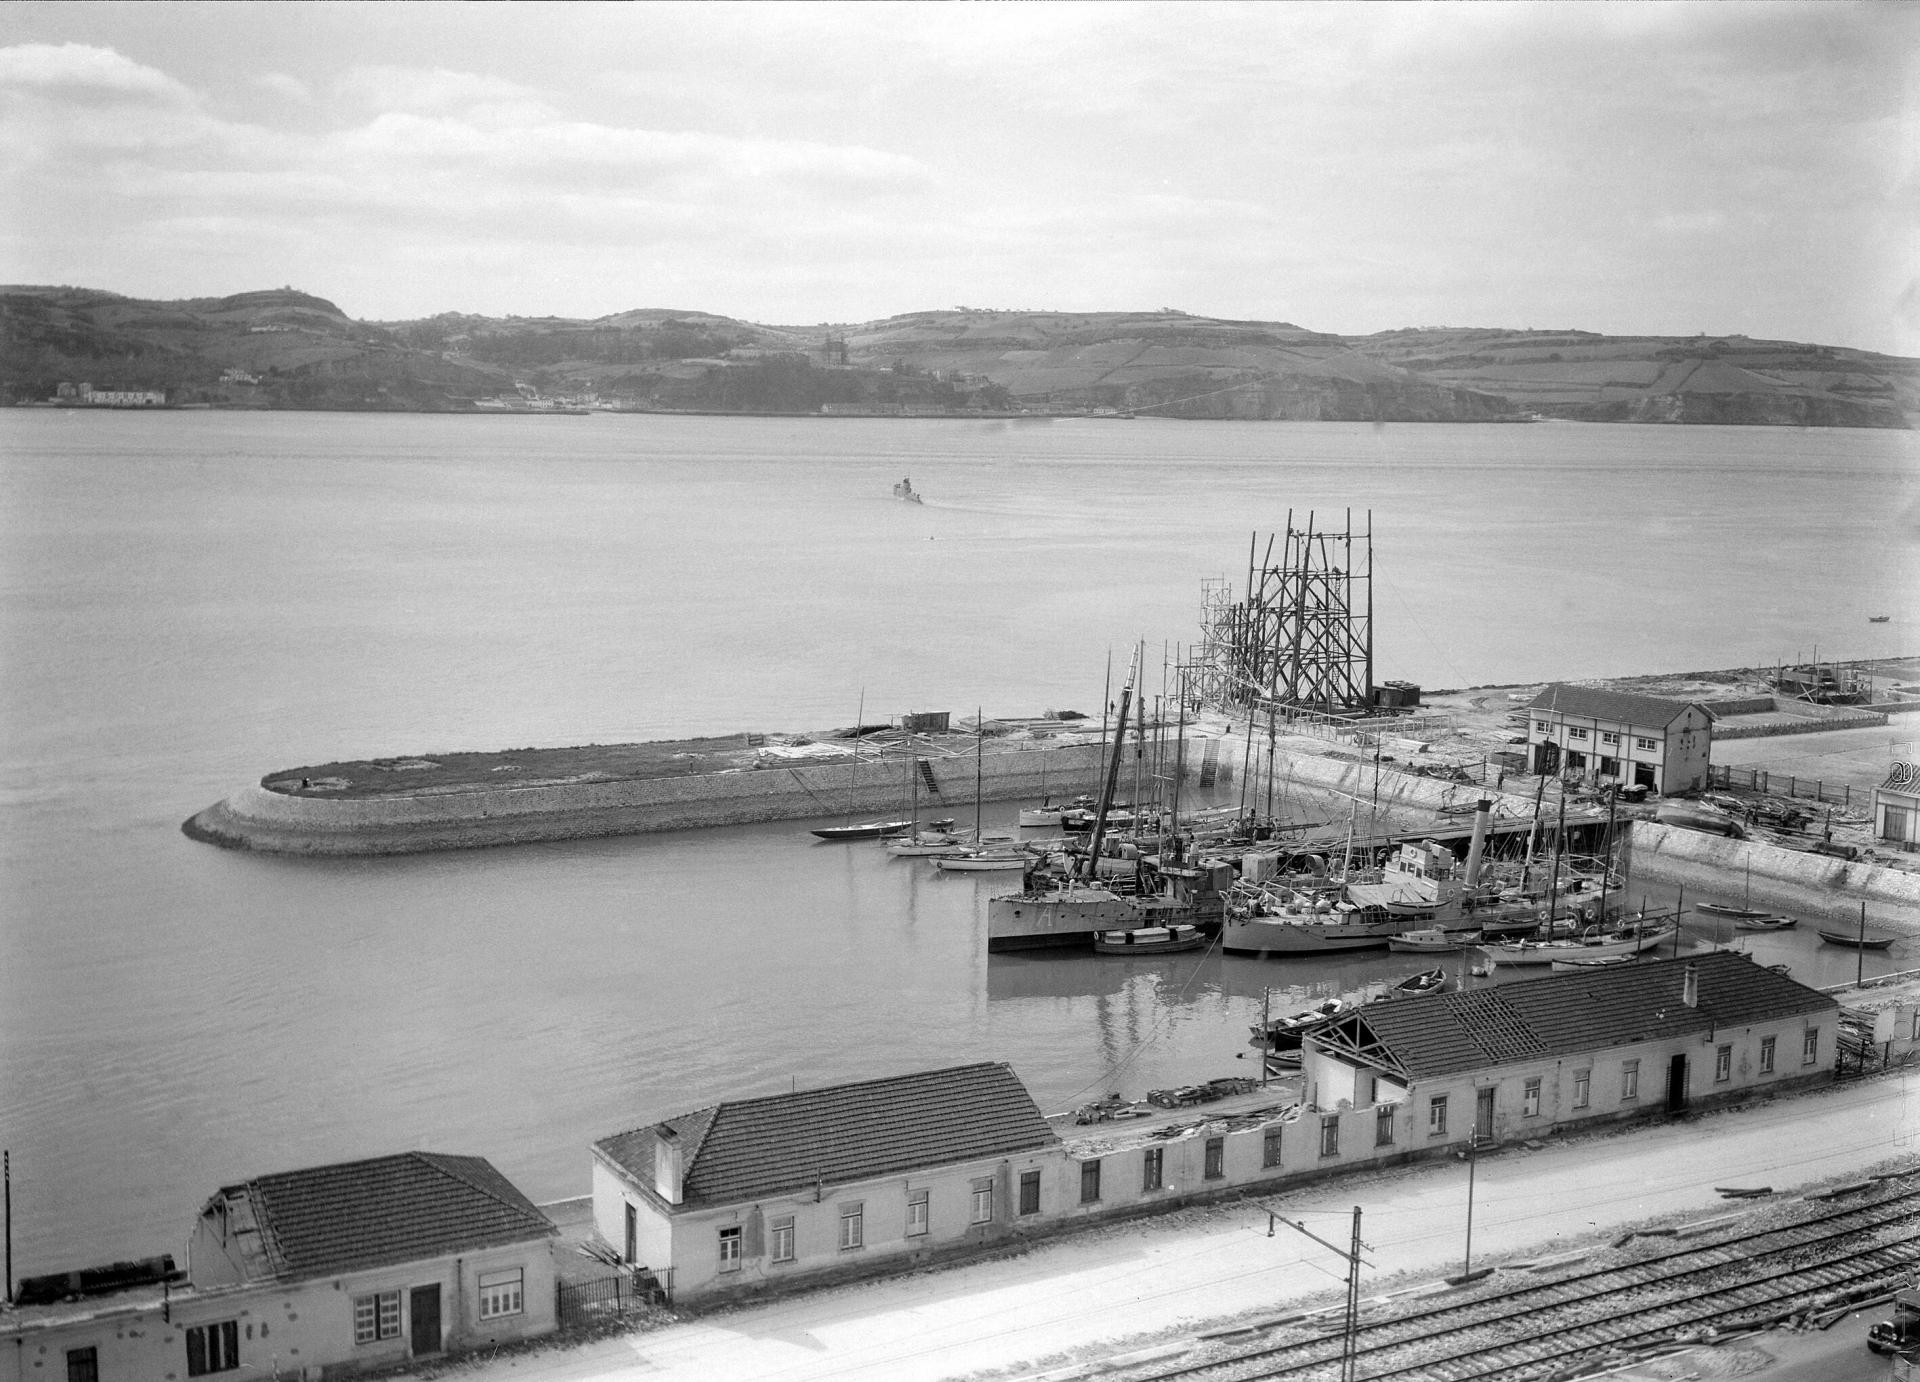 Fotografia aérea da construção da Exposição do Mundo Português cerca de 1940. Na zona ribeirinha de Belém, está em construção o Padrão dos Descobrimentos. Biblioteca de Arte FCG, foto de Horácio Novais